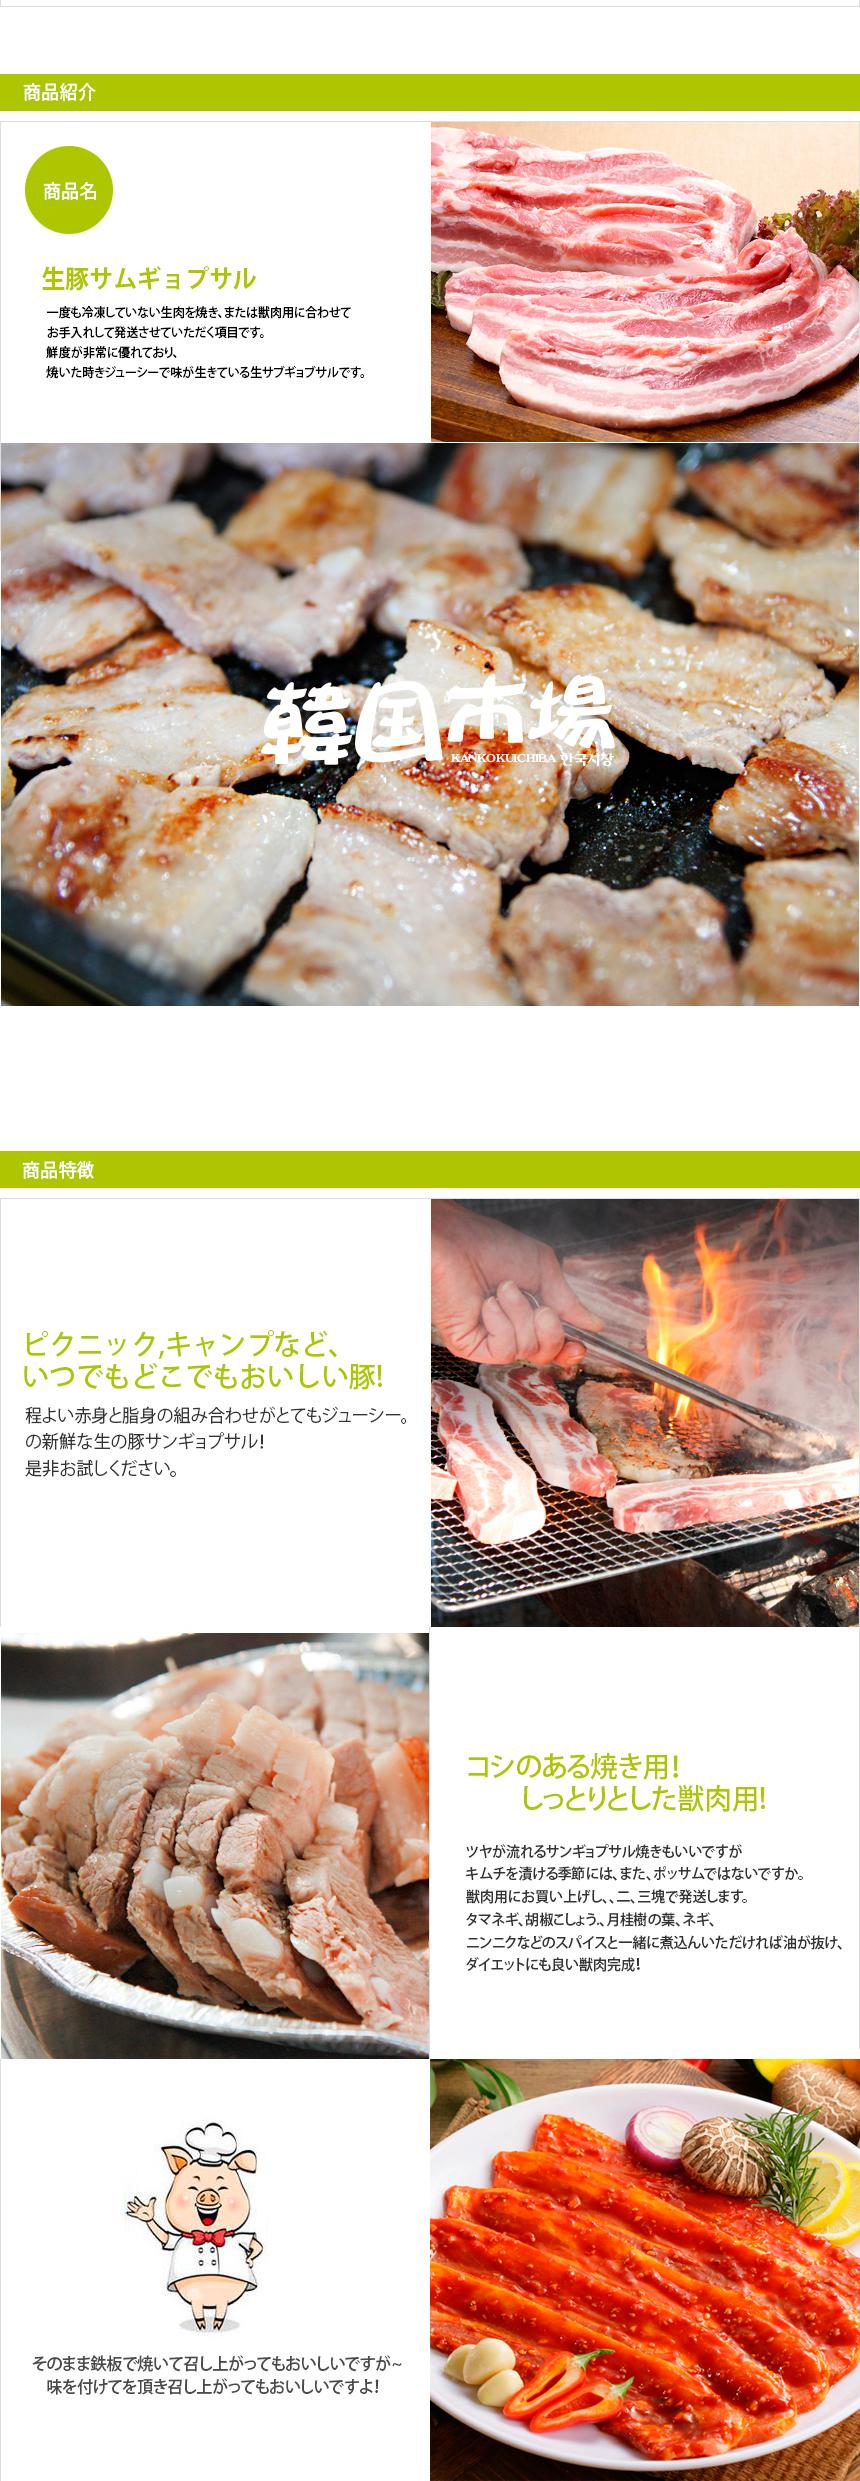 赤身と脂身が三層になった、いわゆる三枚肉です